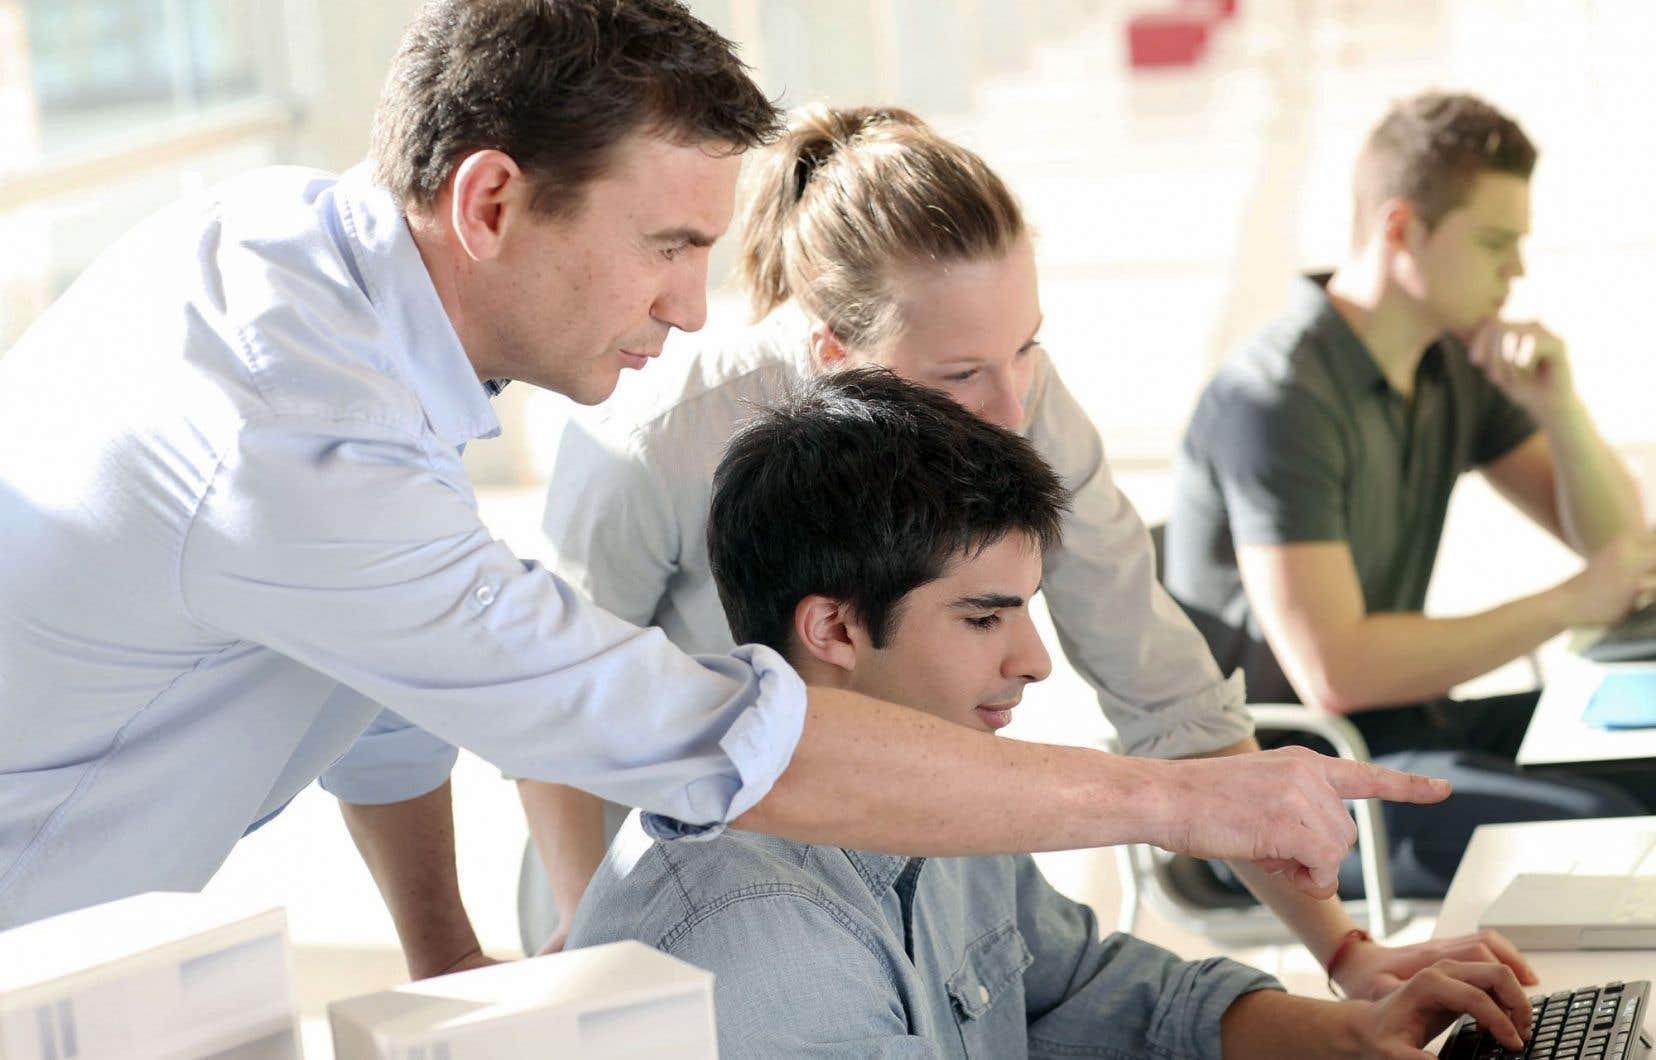 L'apprentissage tout au long de la vie représente toute activité d'apprentissage entreprise à tout moment de la vie, dans le but d'améliorer les savoirs, savoir-faire, aptitudes, compétences ou qualifications, dans une perspective personnelle, sociale ou professionnelle.